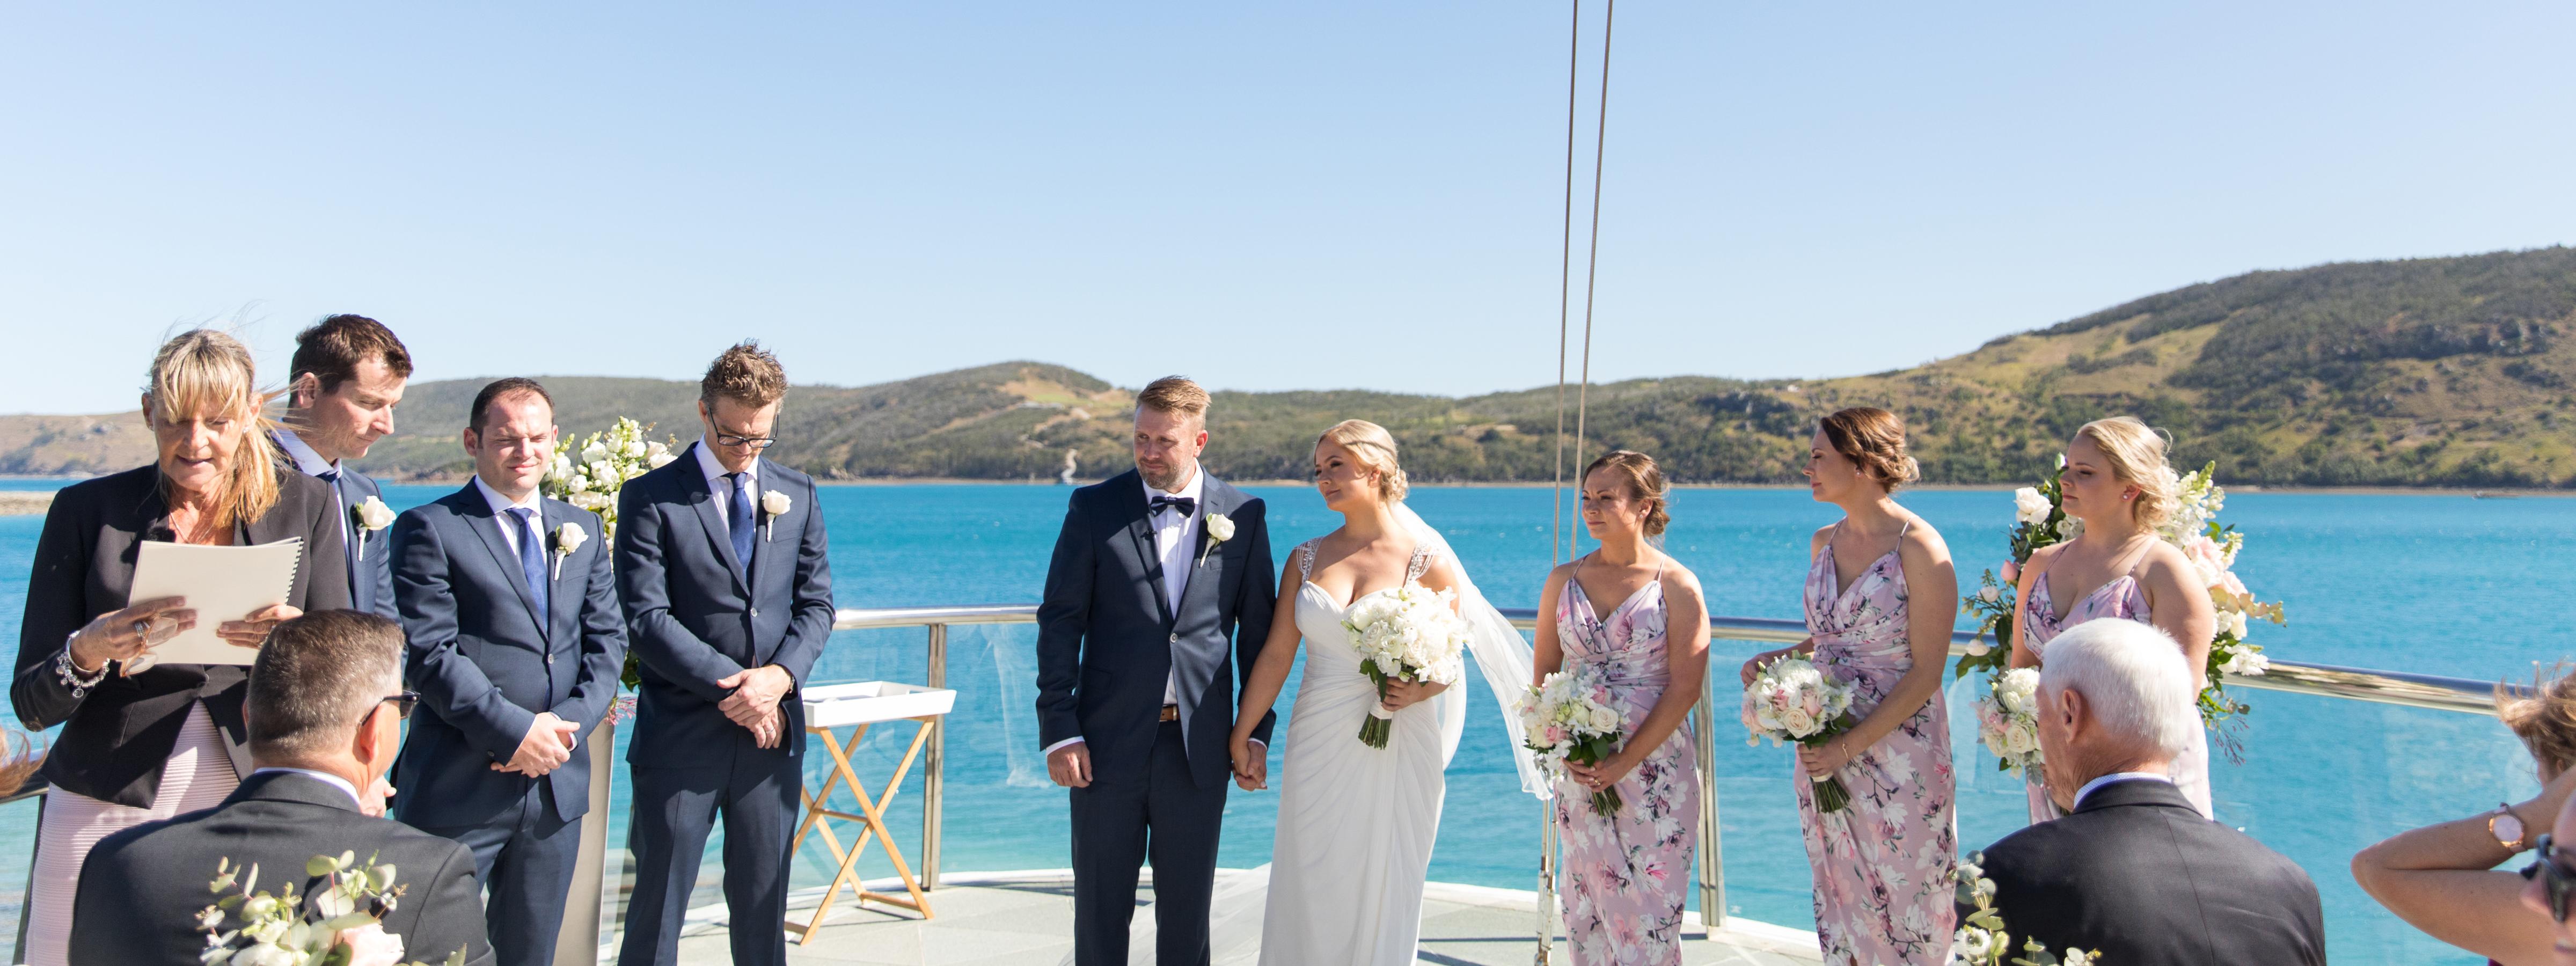 Yacht Club ceremony - 1808080310